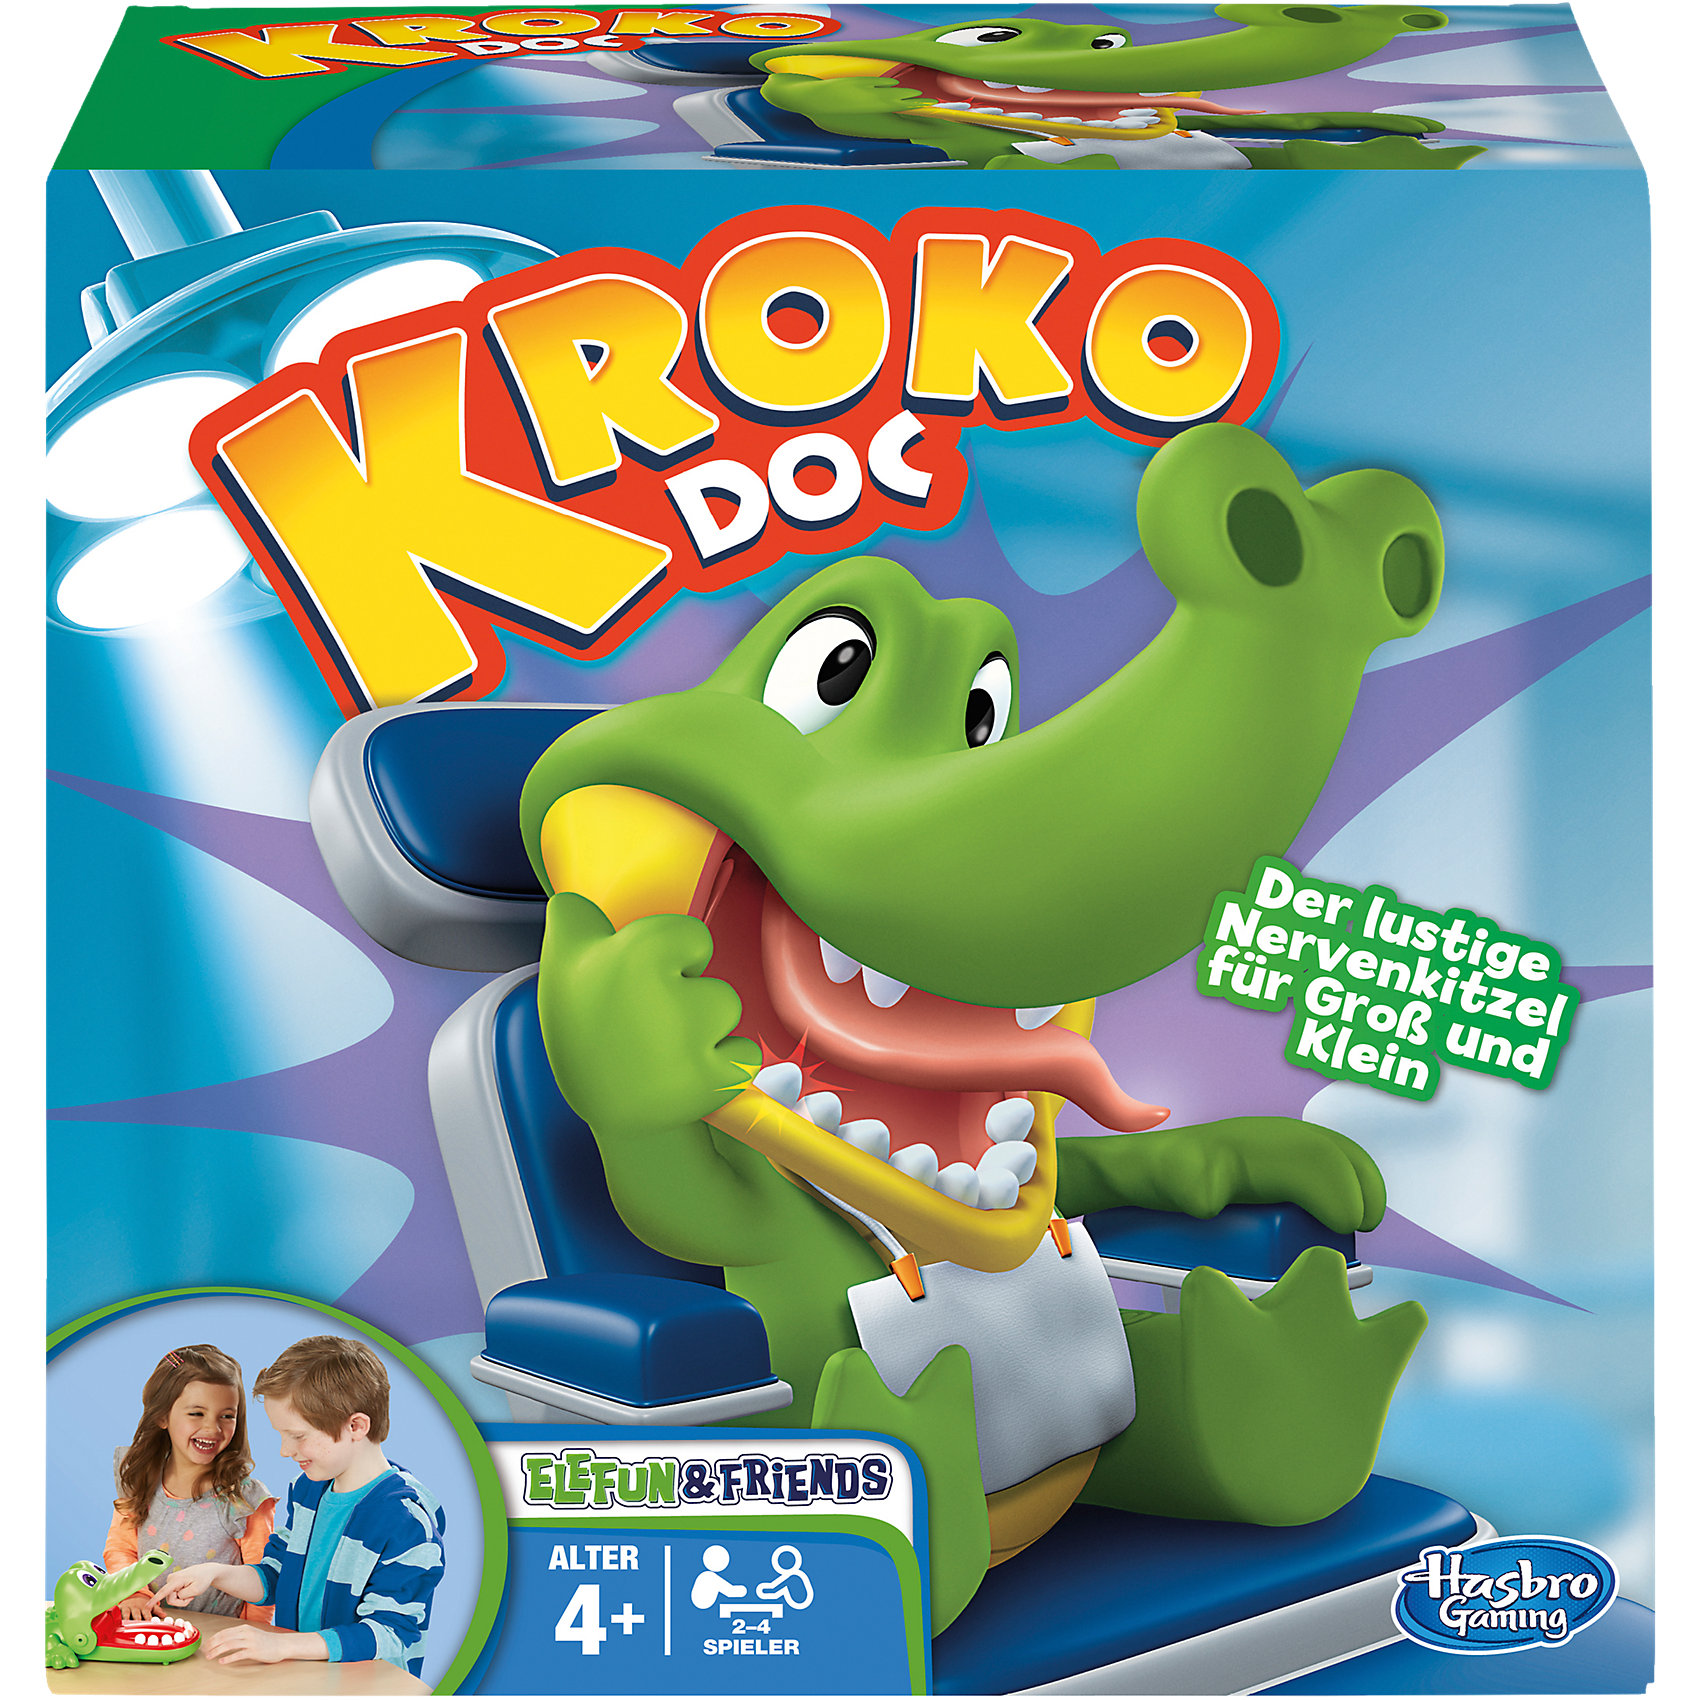 Крокодильчик Дантист, HasbroКрокодильчик Дантист, Hasbro - веселая настольная игра, в которую можно играть всей семьей или компанией друзей. Цель игры - найти больной зуб у забавного крокодильчика. В игре могут участвовать от двух до четырех игроков. Участники по очереди нажимают на зубы крокодильчика, стараясь не попасть на больной зуб. Стоит только надавить на больной зуб как крокодильчик сразу захлопнет рот, что будет означать проигрыш. Победителем становится игрок, не задевший больной зуб и оставшийся в игре. Игра способствует развитию внимания, реакции и ловкости.<br><br>Дополнительная информация:<br><br>- В комплекте: крокодильчик, правила игры.<br>- Материал: пластик.<br>- Размер упаковки: 26,7 х 26,7 х 8,1 см.<br>- Вес: 0,848 кг.<br><br>Игру Крокодильчик Дантист, Hasbro, можно купить в нашем интернет-магазине.<br><br>Ширина мм: 271<br>Глубина мм: 271<br>Высота мм: 149<br>Вес г: 719<br>Возраст от месяцев: 48<br>Возраст до месяцев: 72<br>Пол: Унисекс<br>Возраст: Детский<br>SKU: 3824997